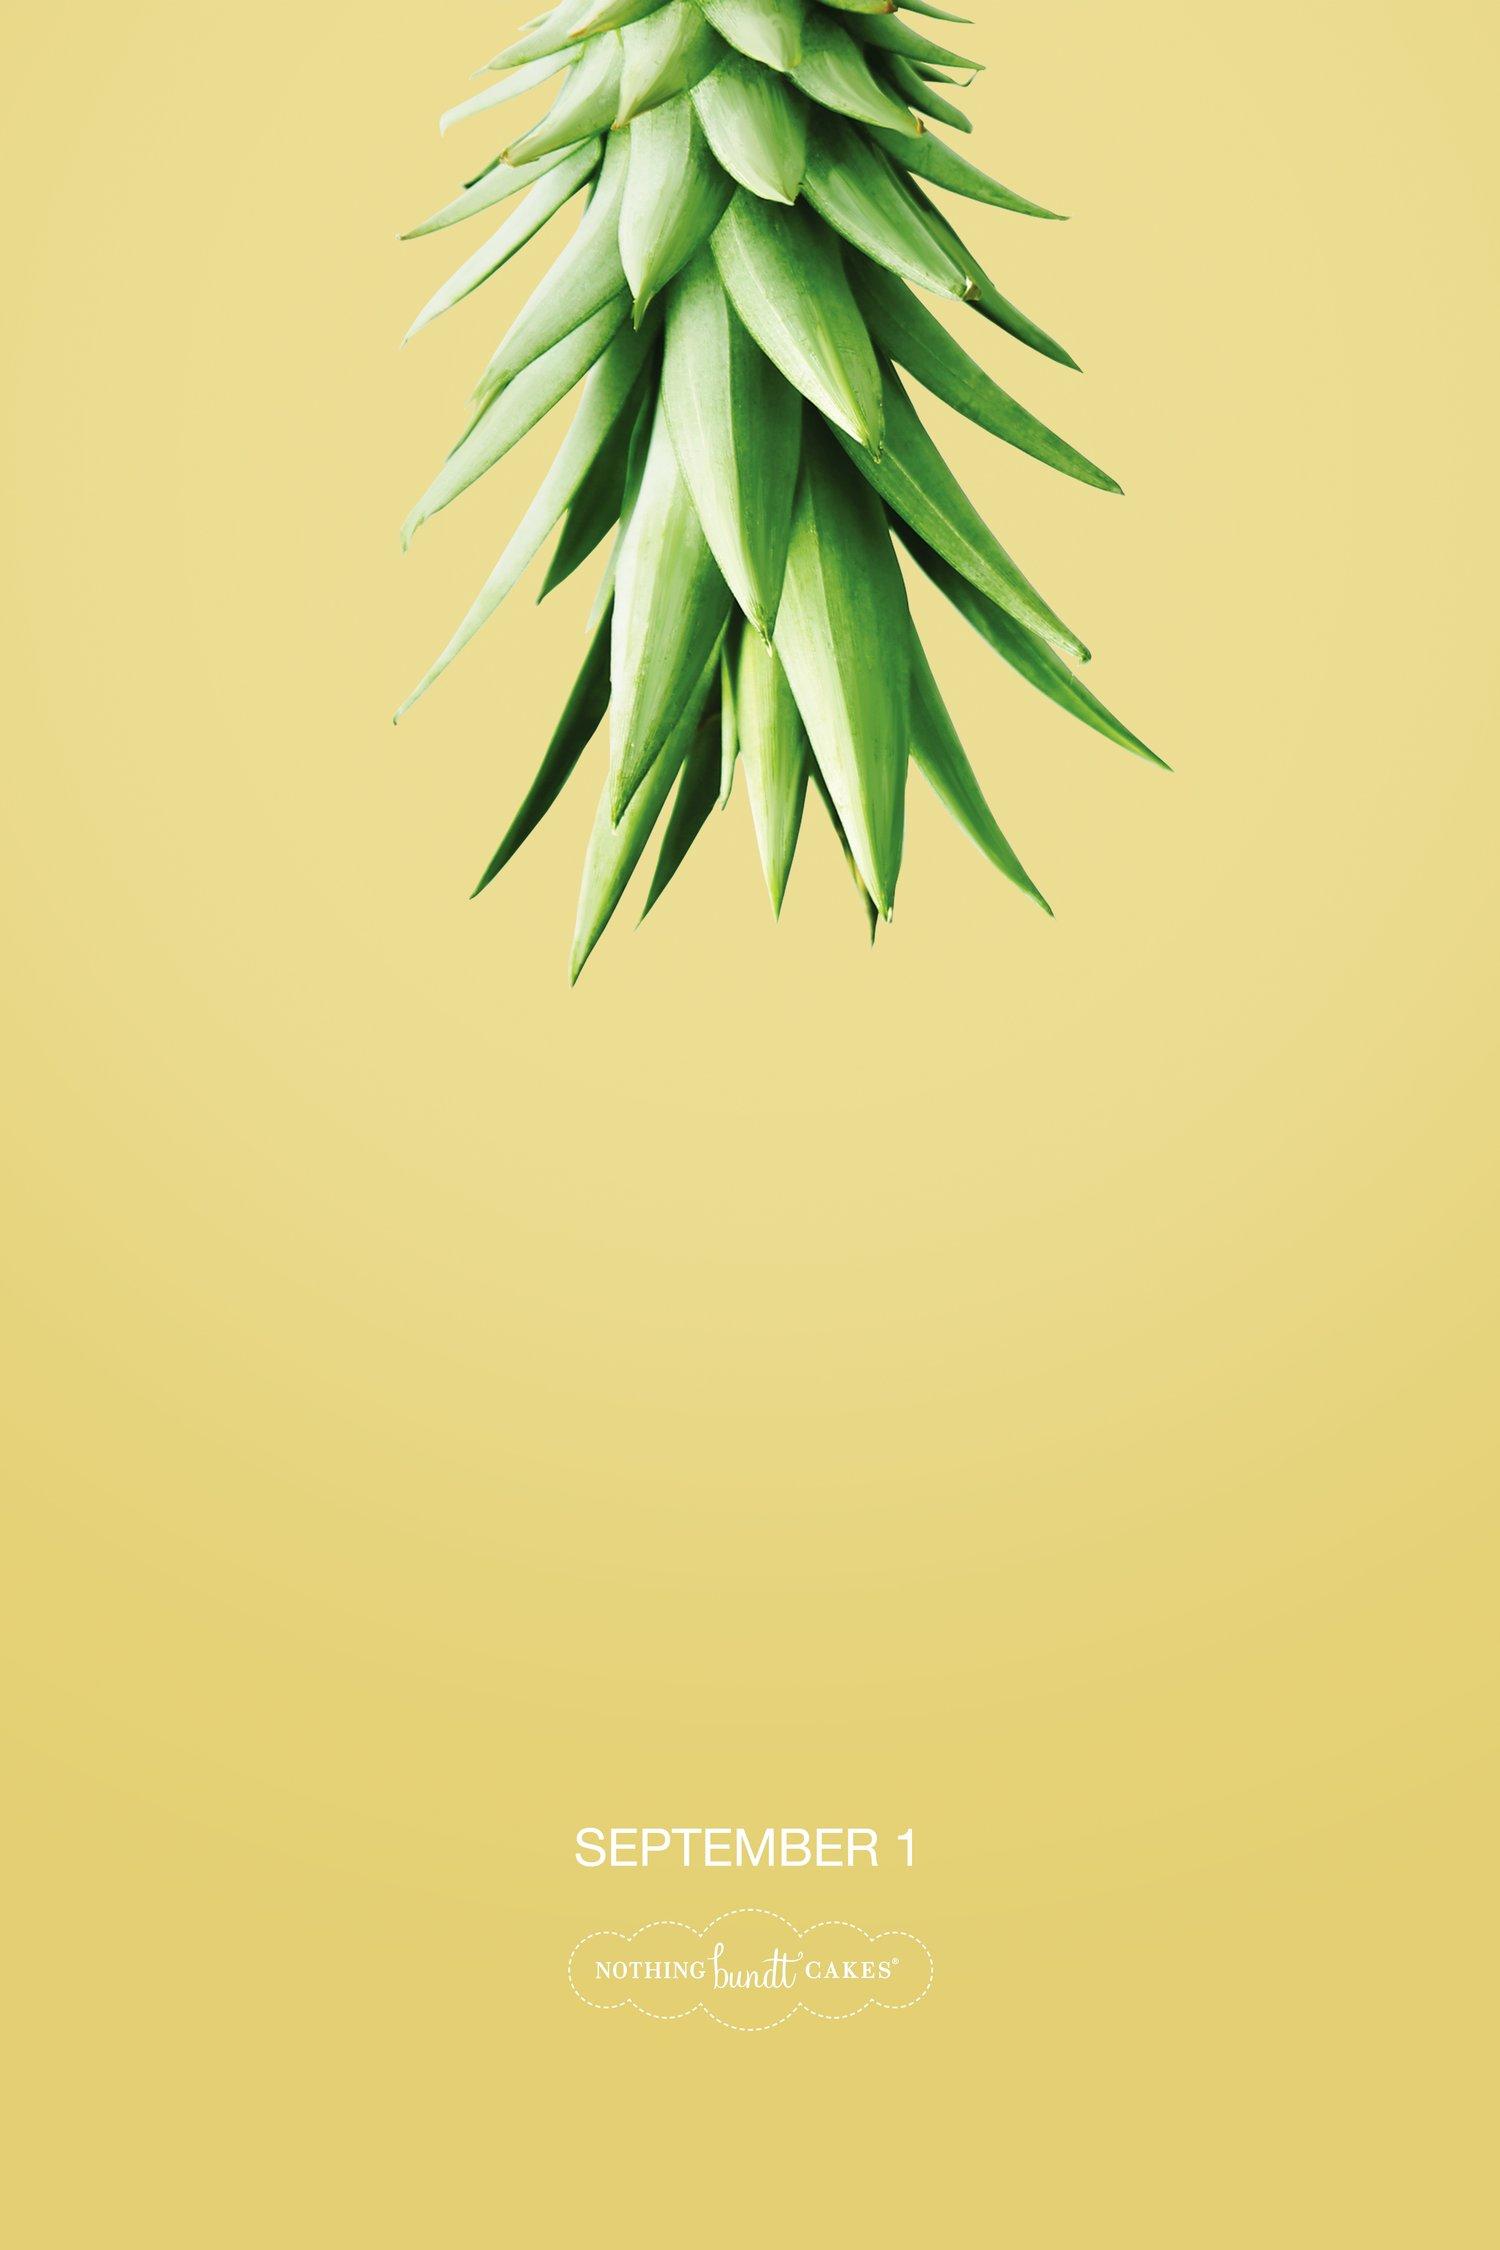 Pineapple+upside+down.jpg